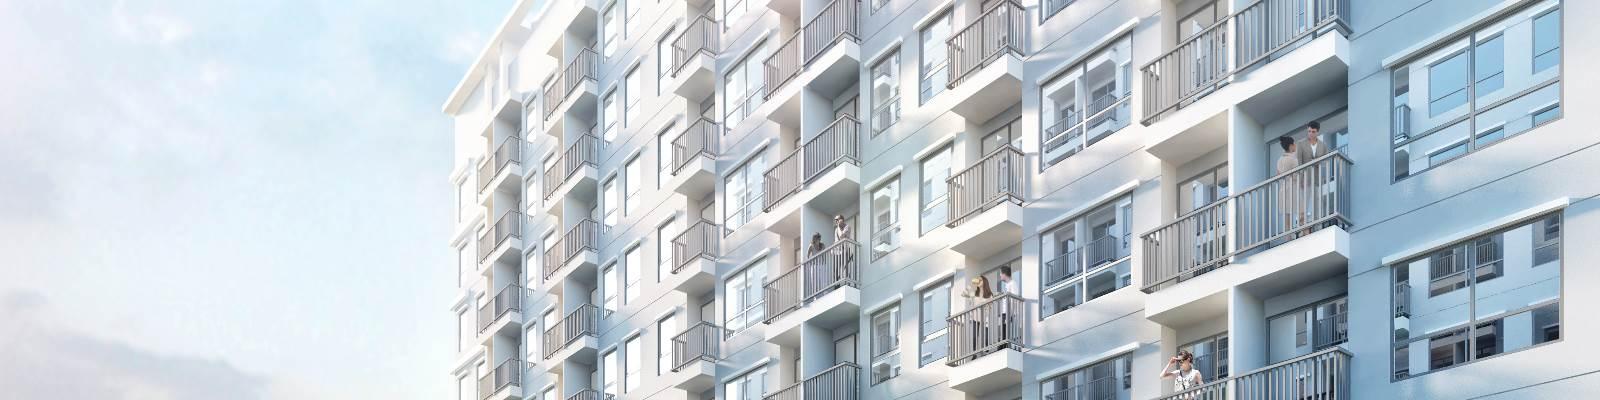 Ciputra Residence -